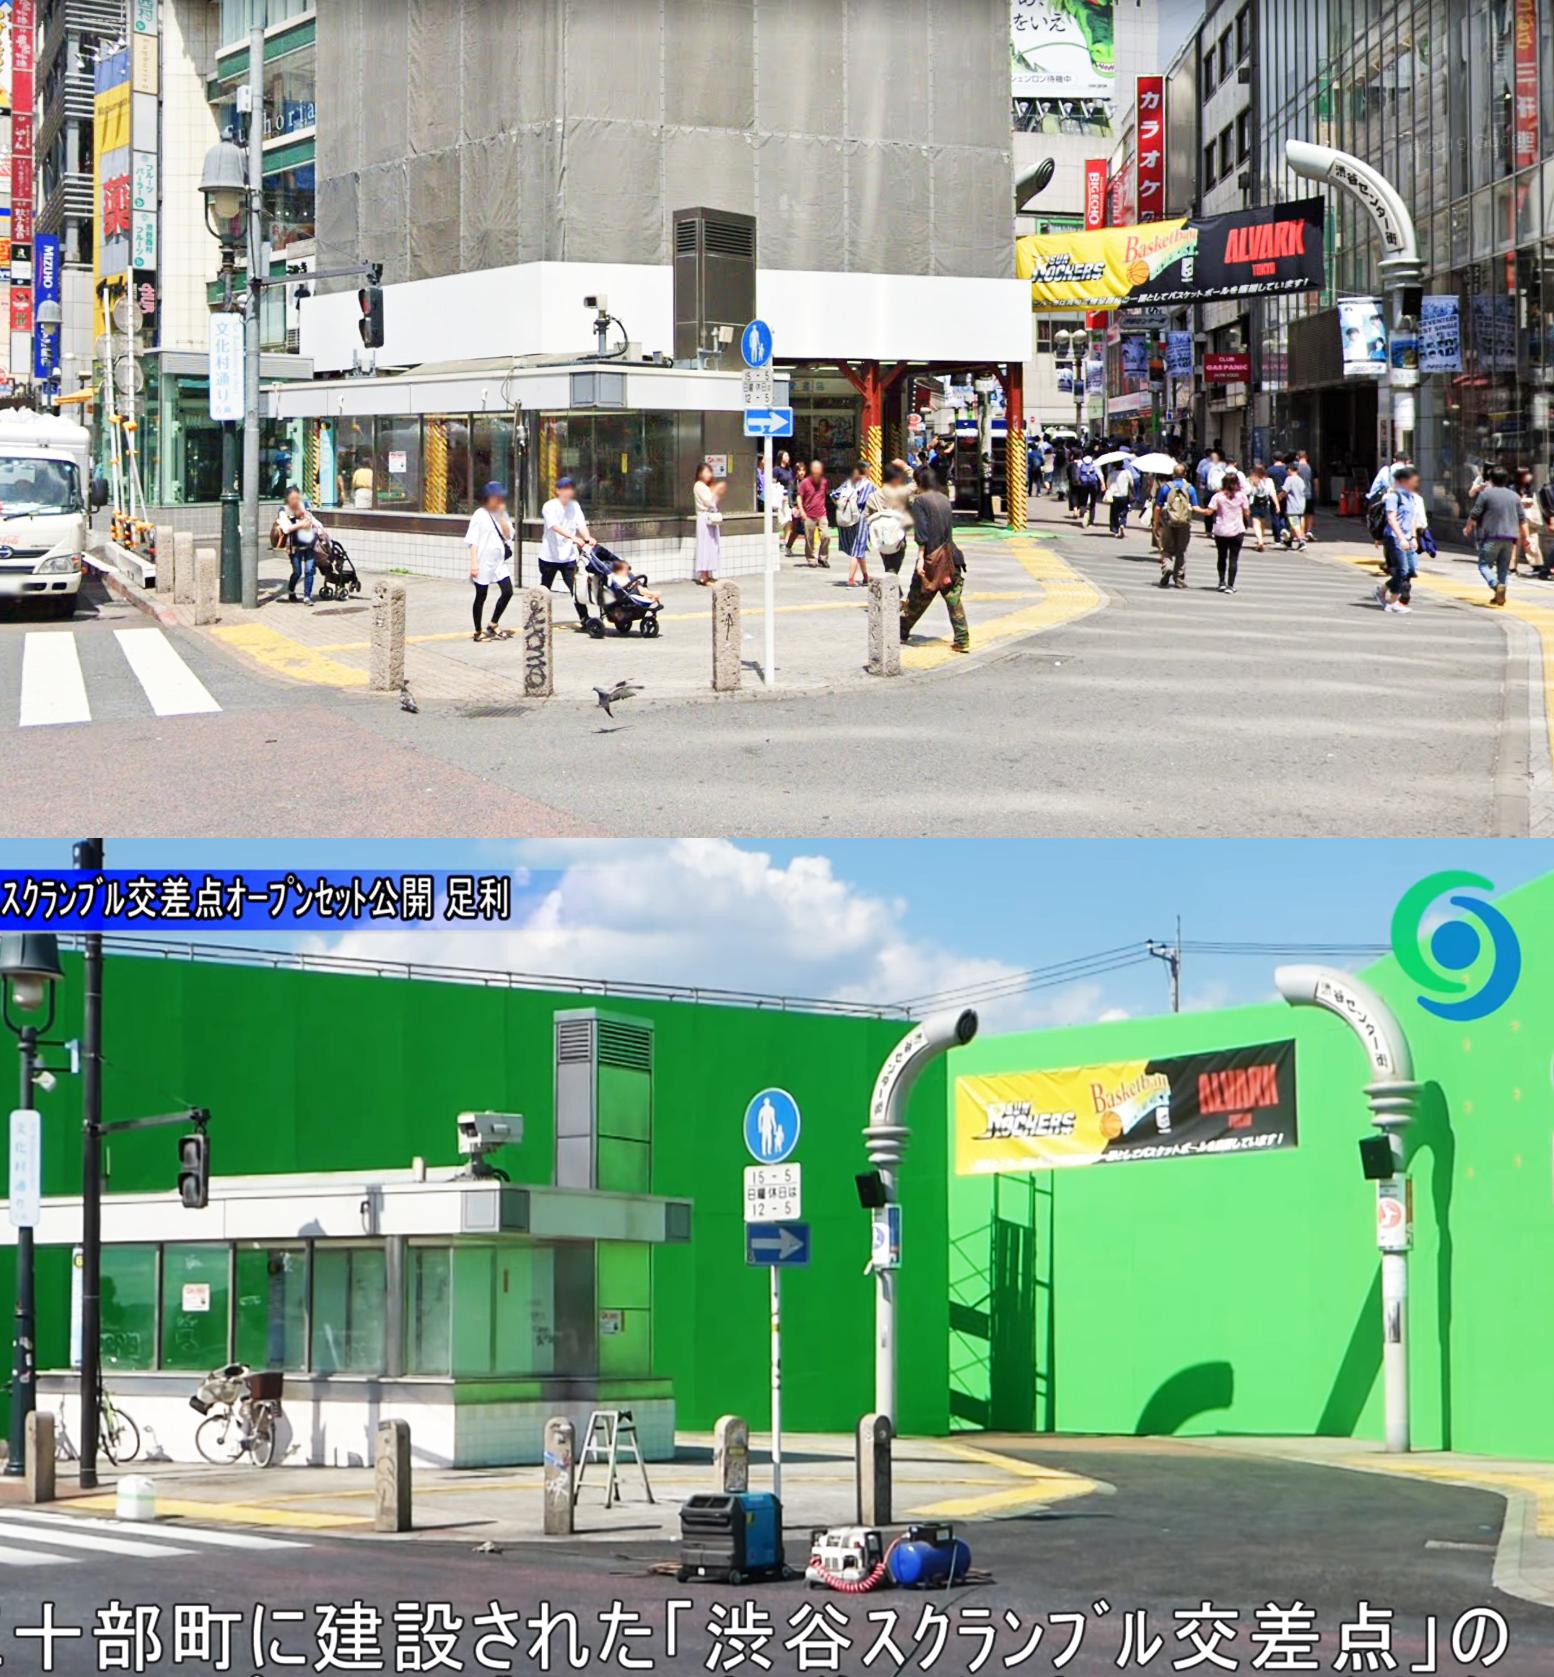 実際の渋谷スクランブル交差点と渋谷スクランブル交差点オープンセットの対比写真